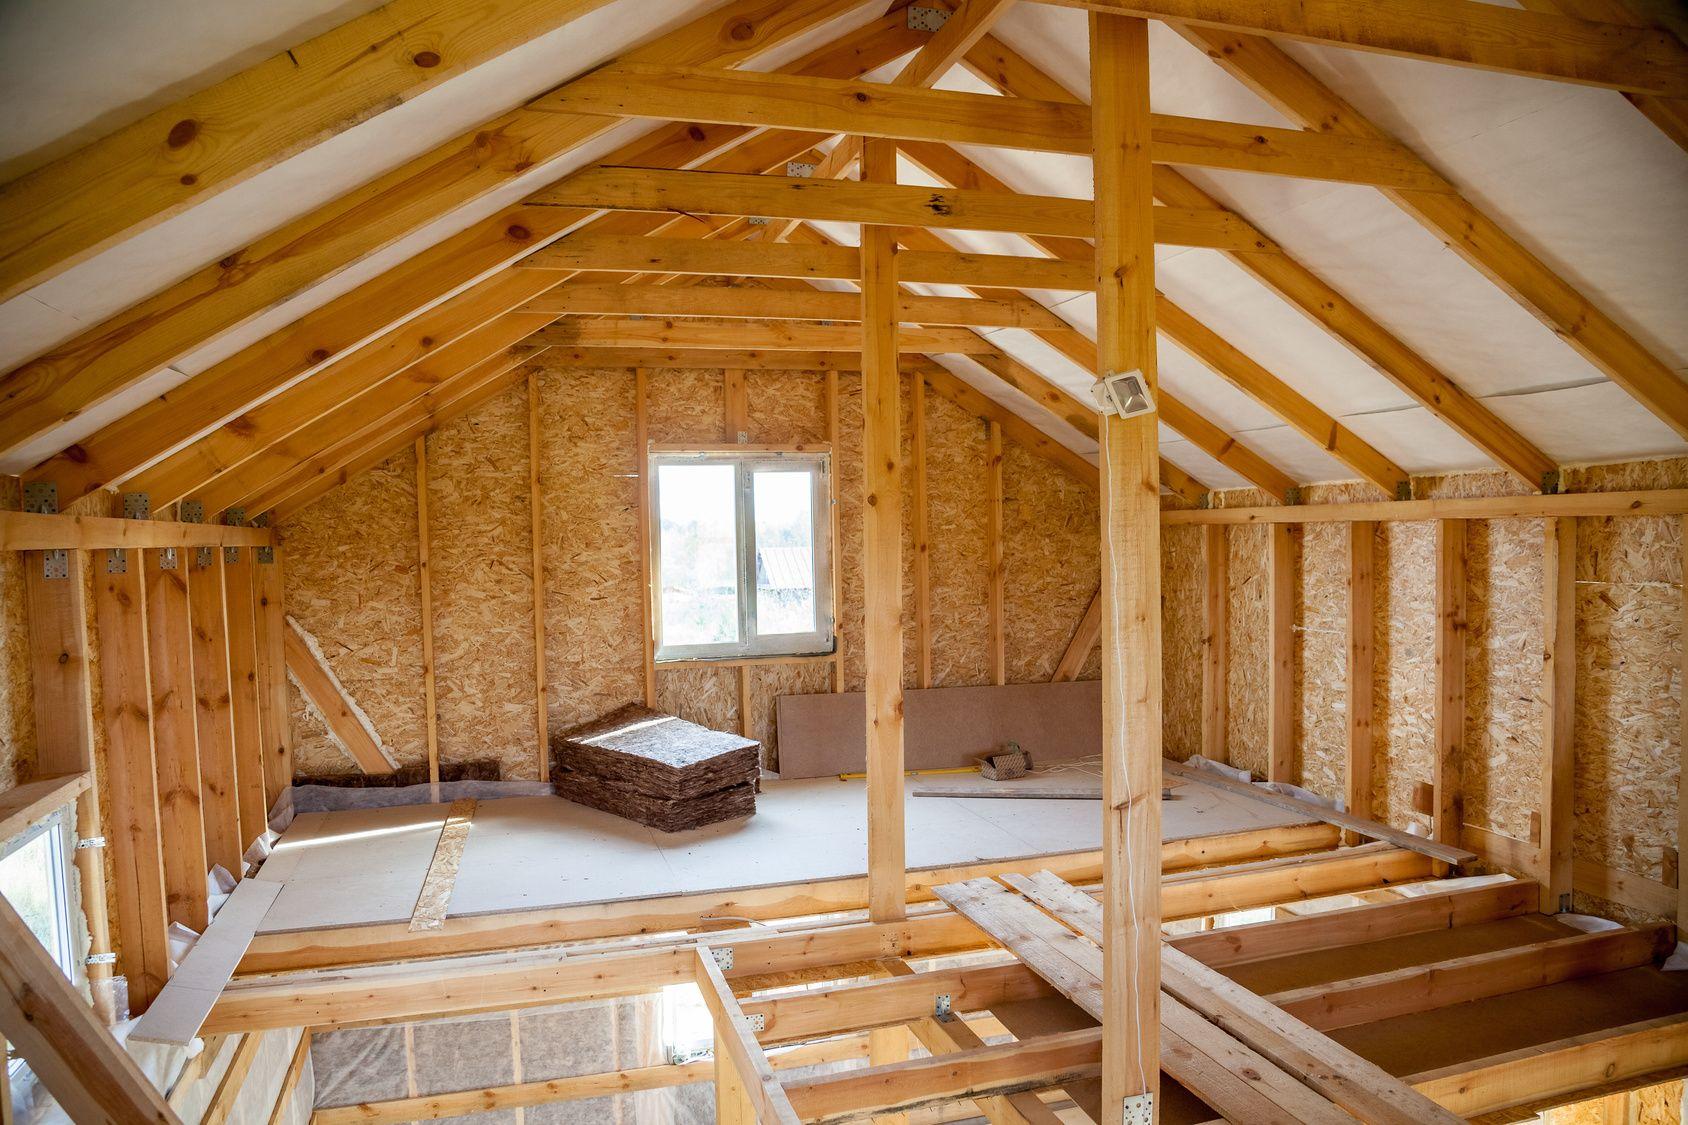 wohnerlebnis tip 1 - der dachboden wird zum eleganten wohnerlebnis